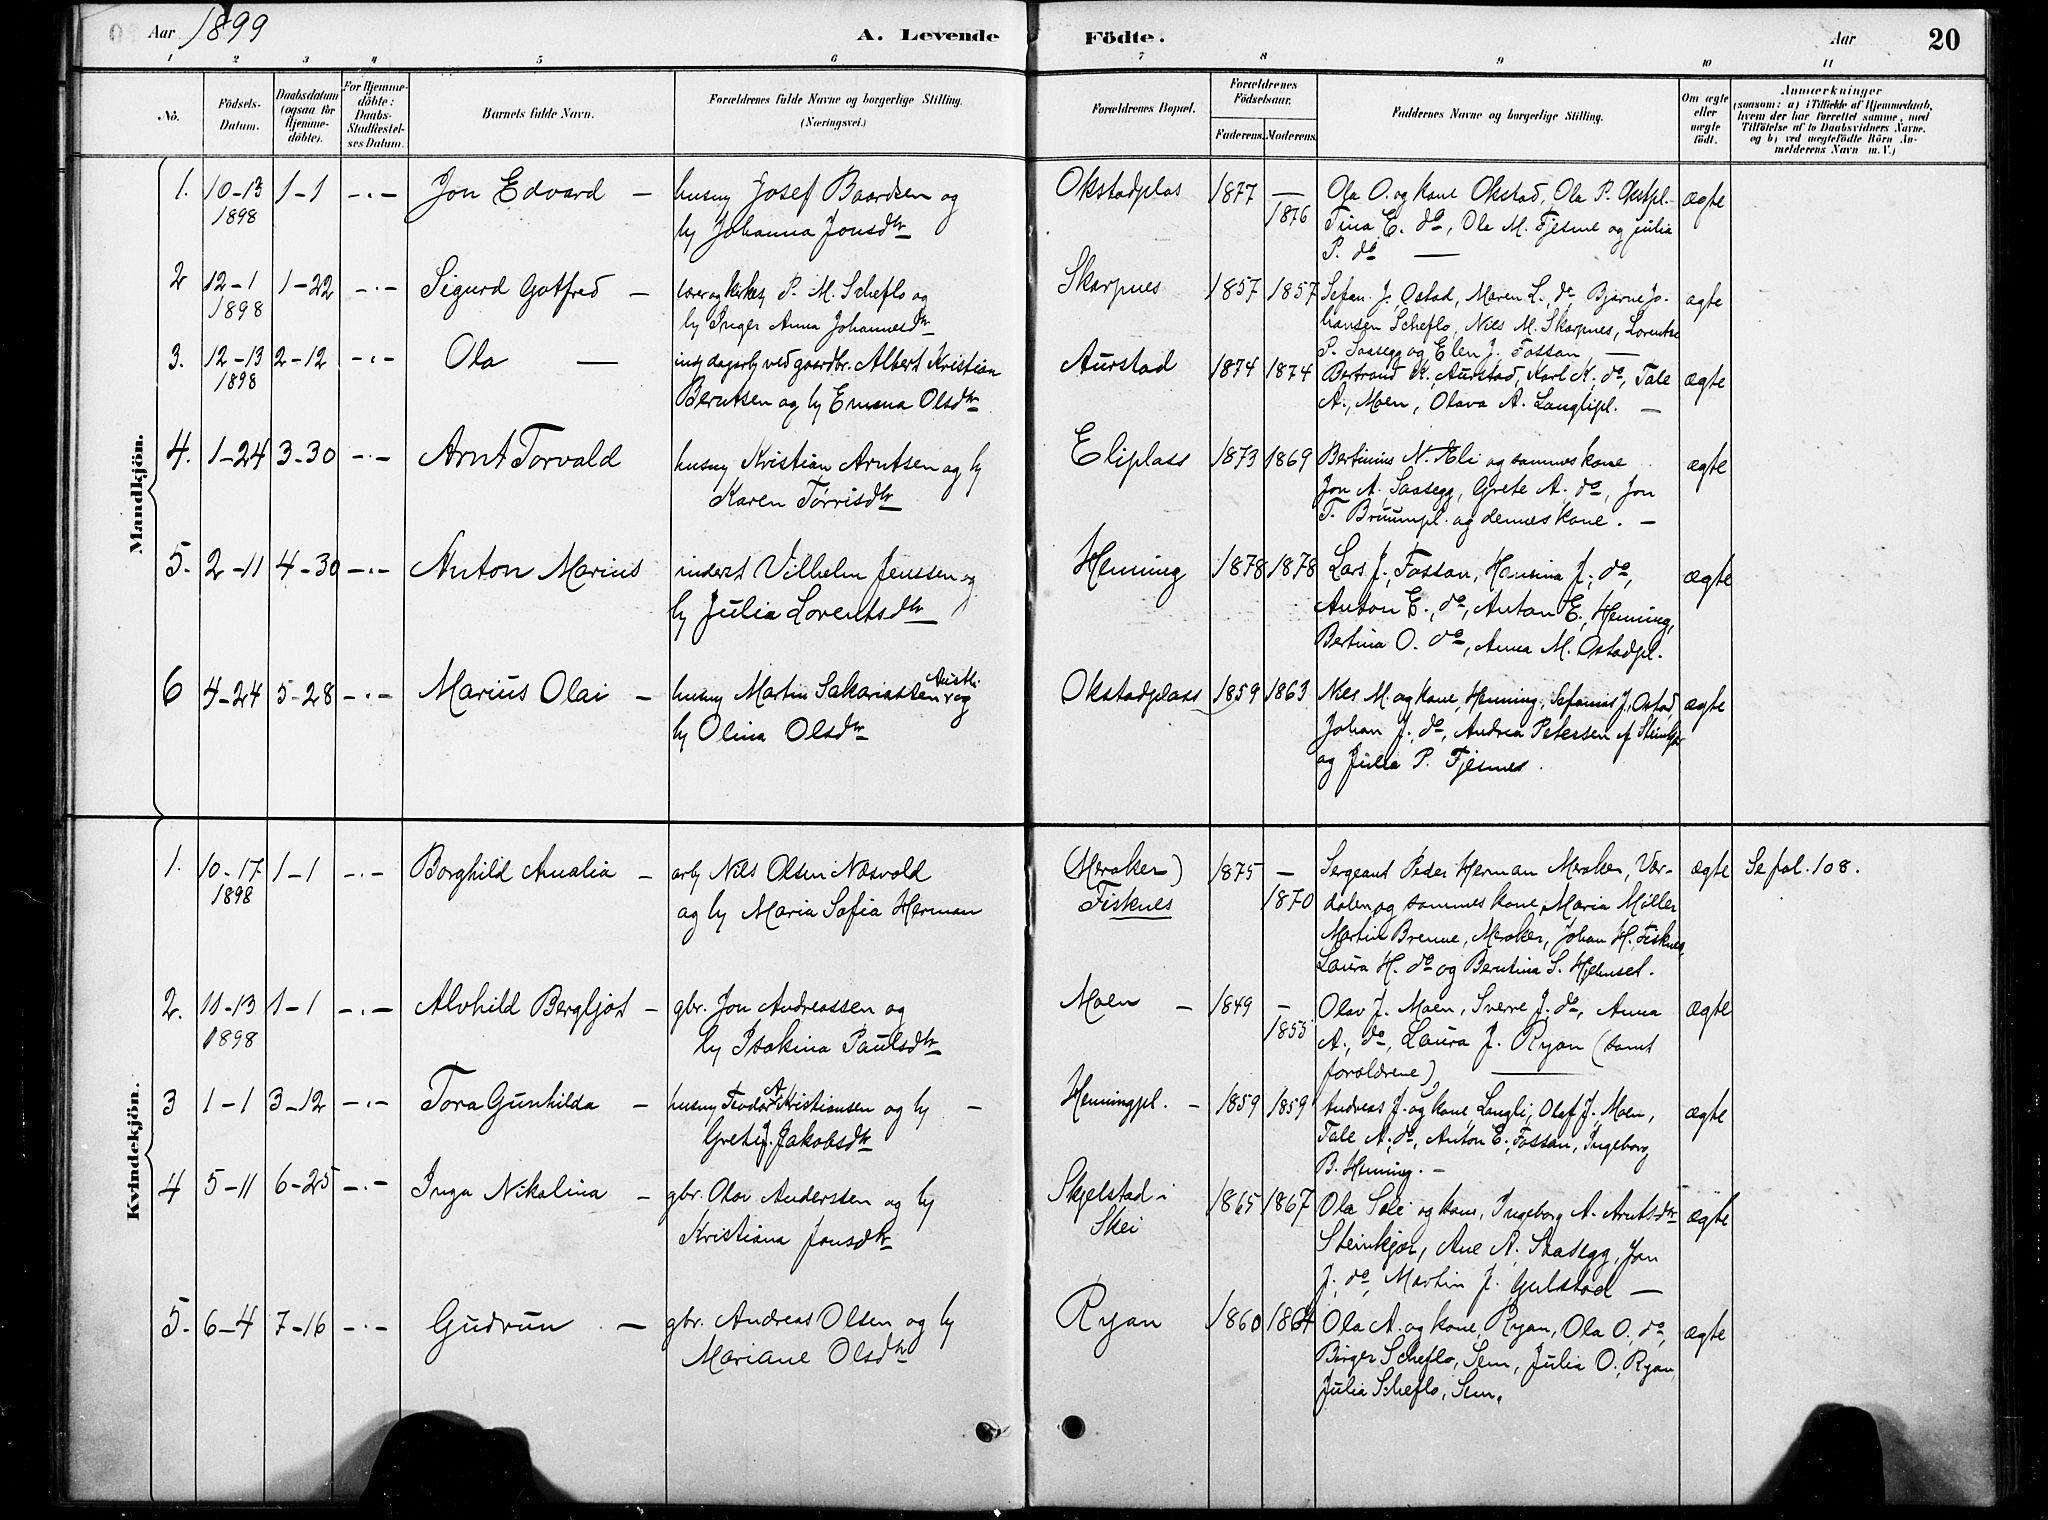 SAT, Ministerialprotokoller, klokkerbøker og fødselsregistre - Nord-Trøndelag, 738/L0364: Ministerialbok nr. 738A01, 1884-1902, s. 20